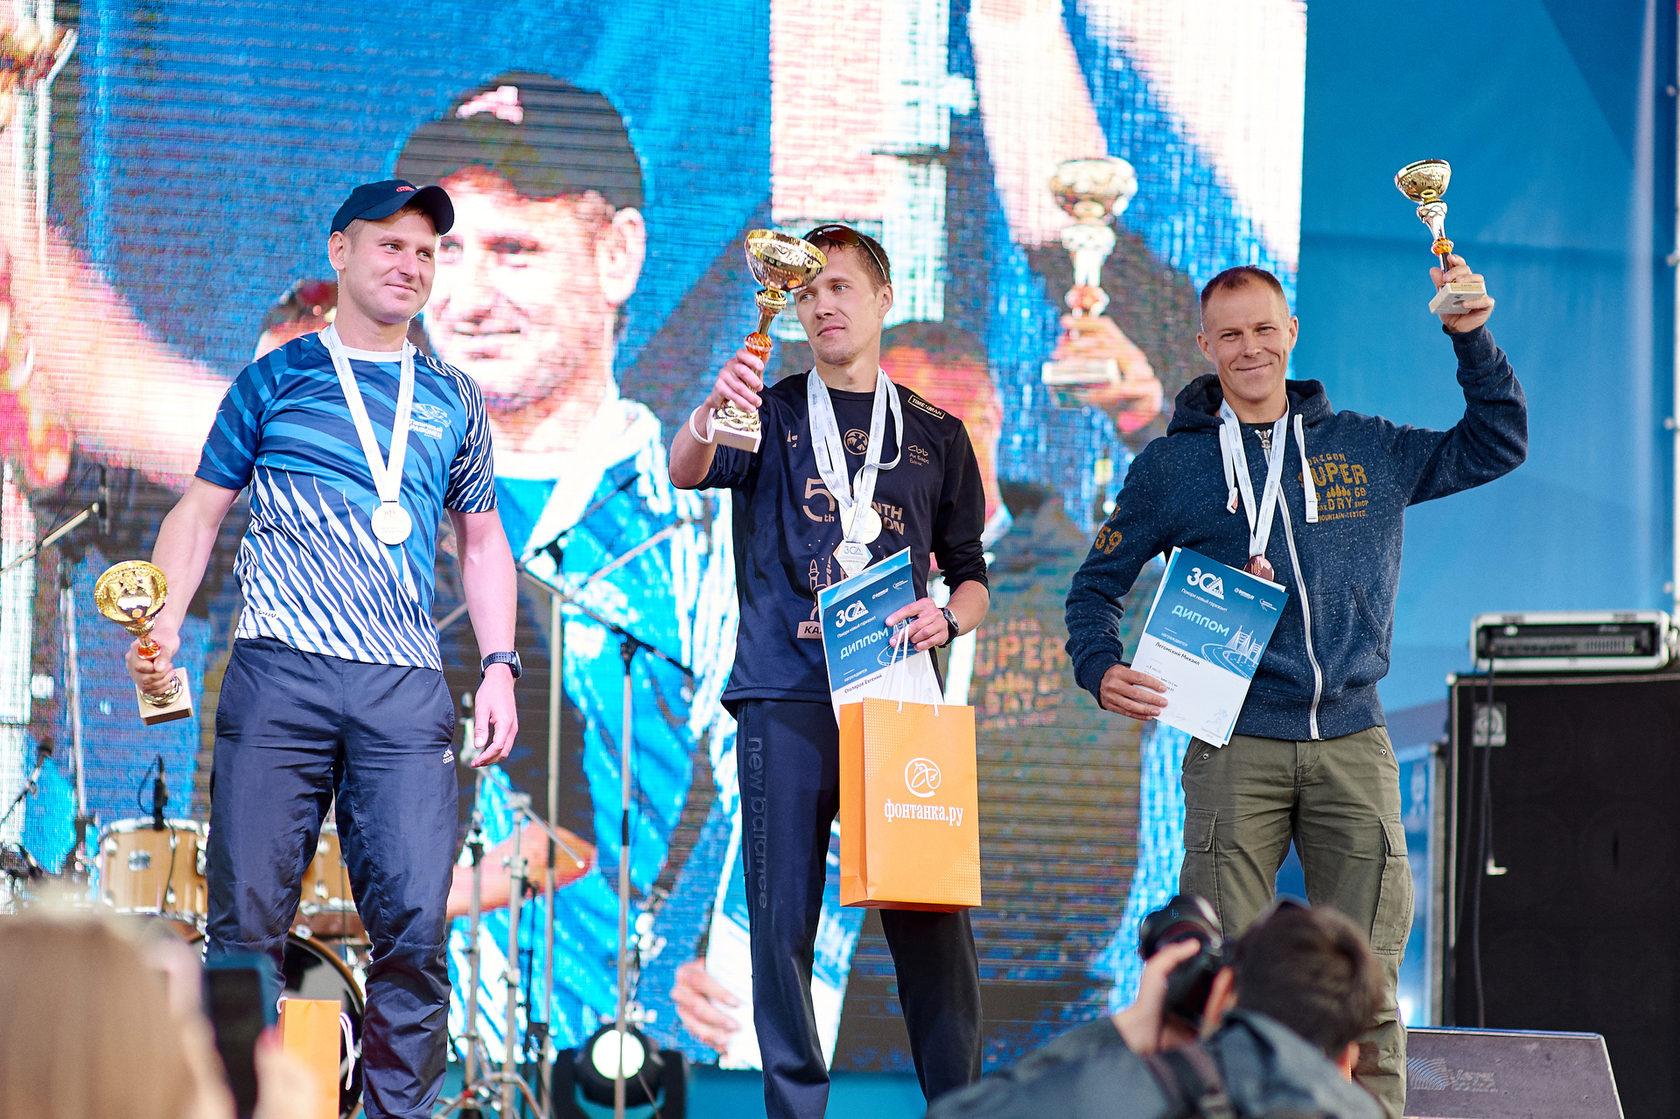 Абсолюты второго ЗСД Феста в беге на 21,1 км: Быков Миша, Столяров Евгений, Легомский Михаил (слева направо)